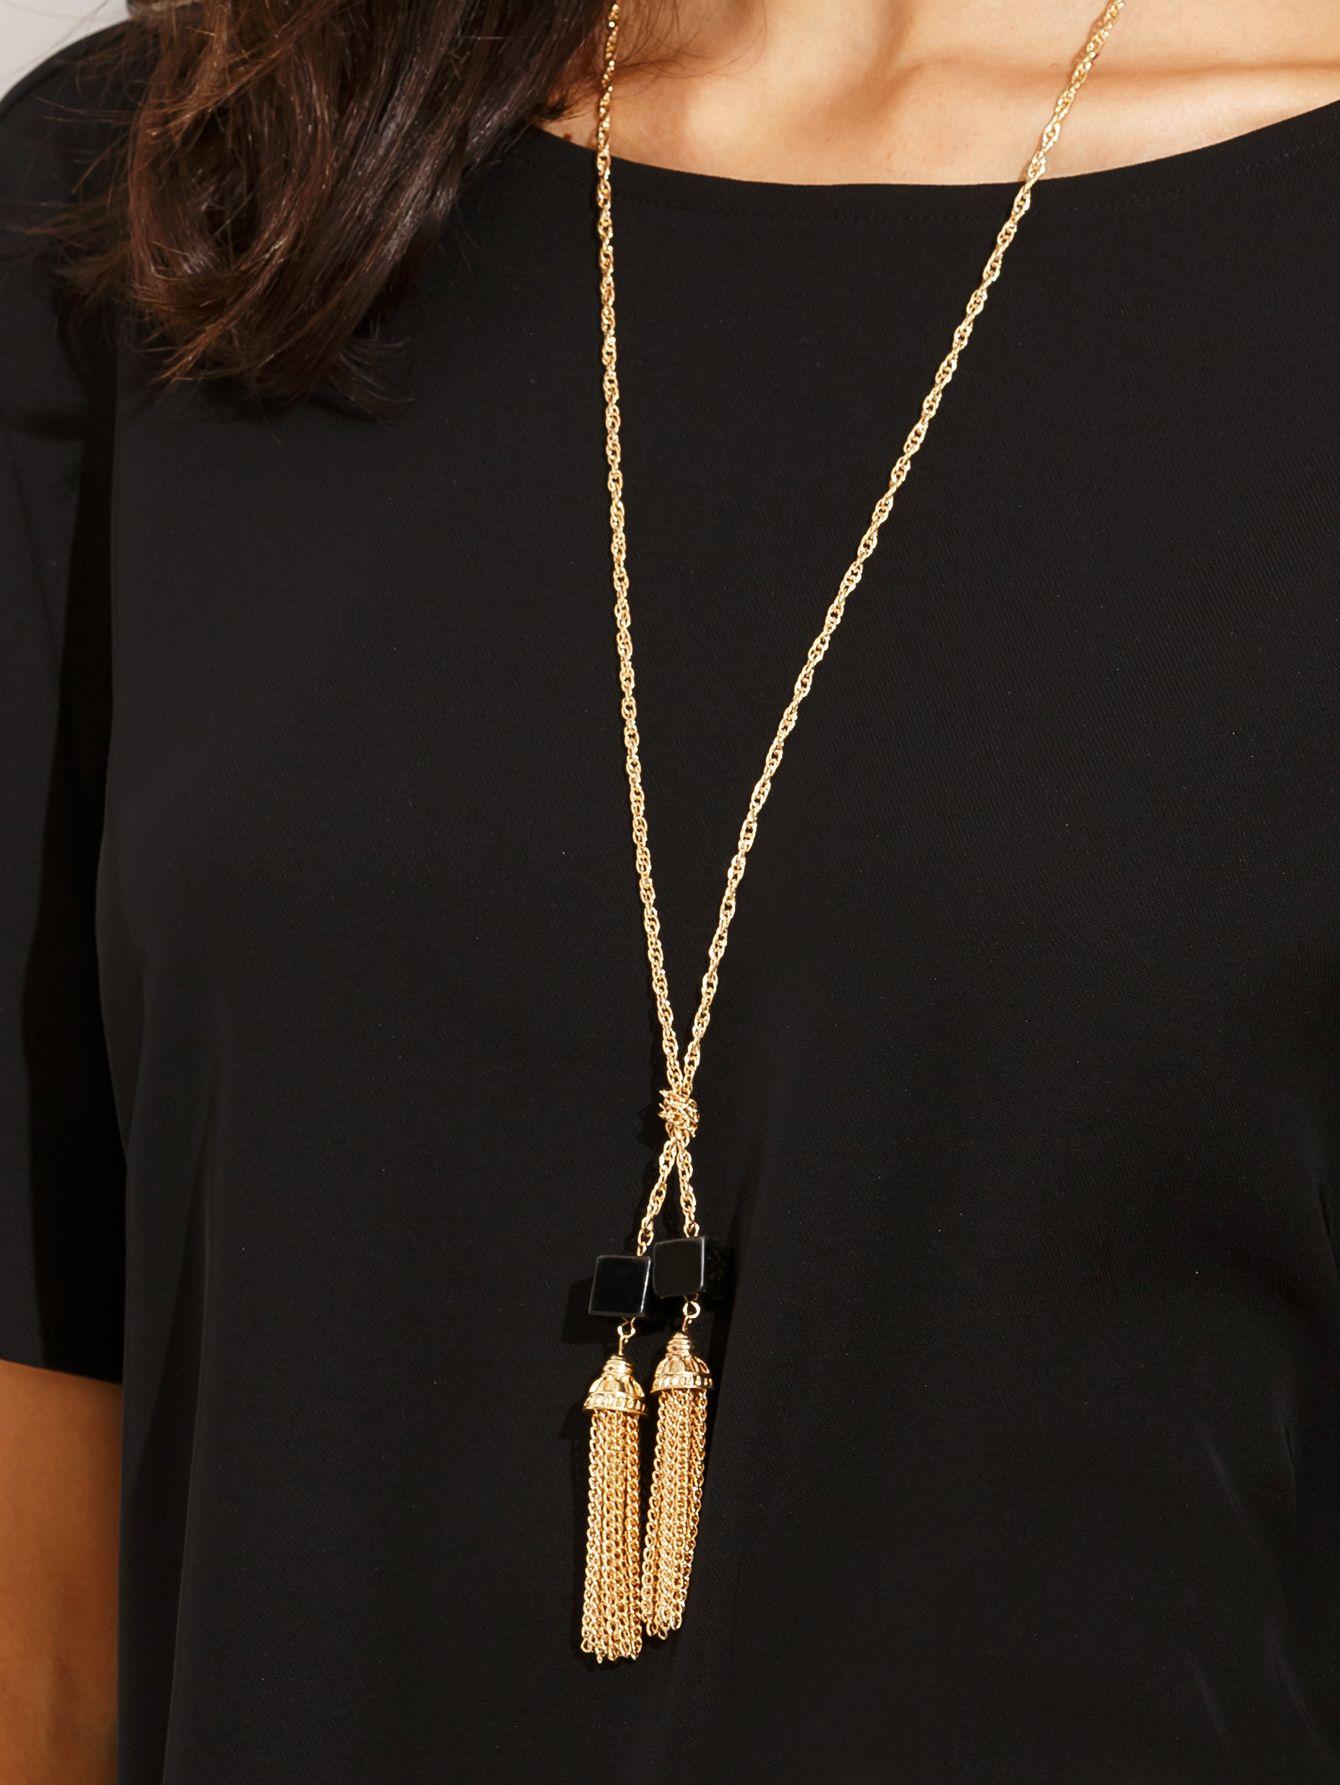 c98bb75dca07 Collar largo de cadena con piedra-(Sheinside)